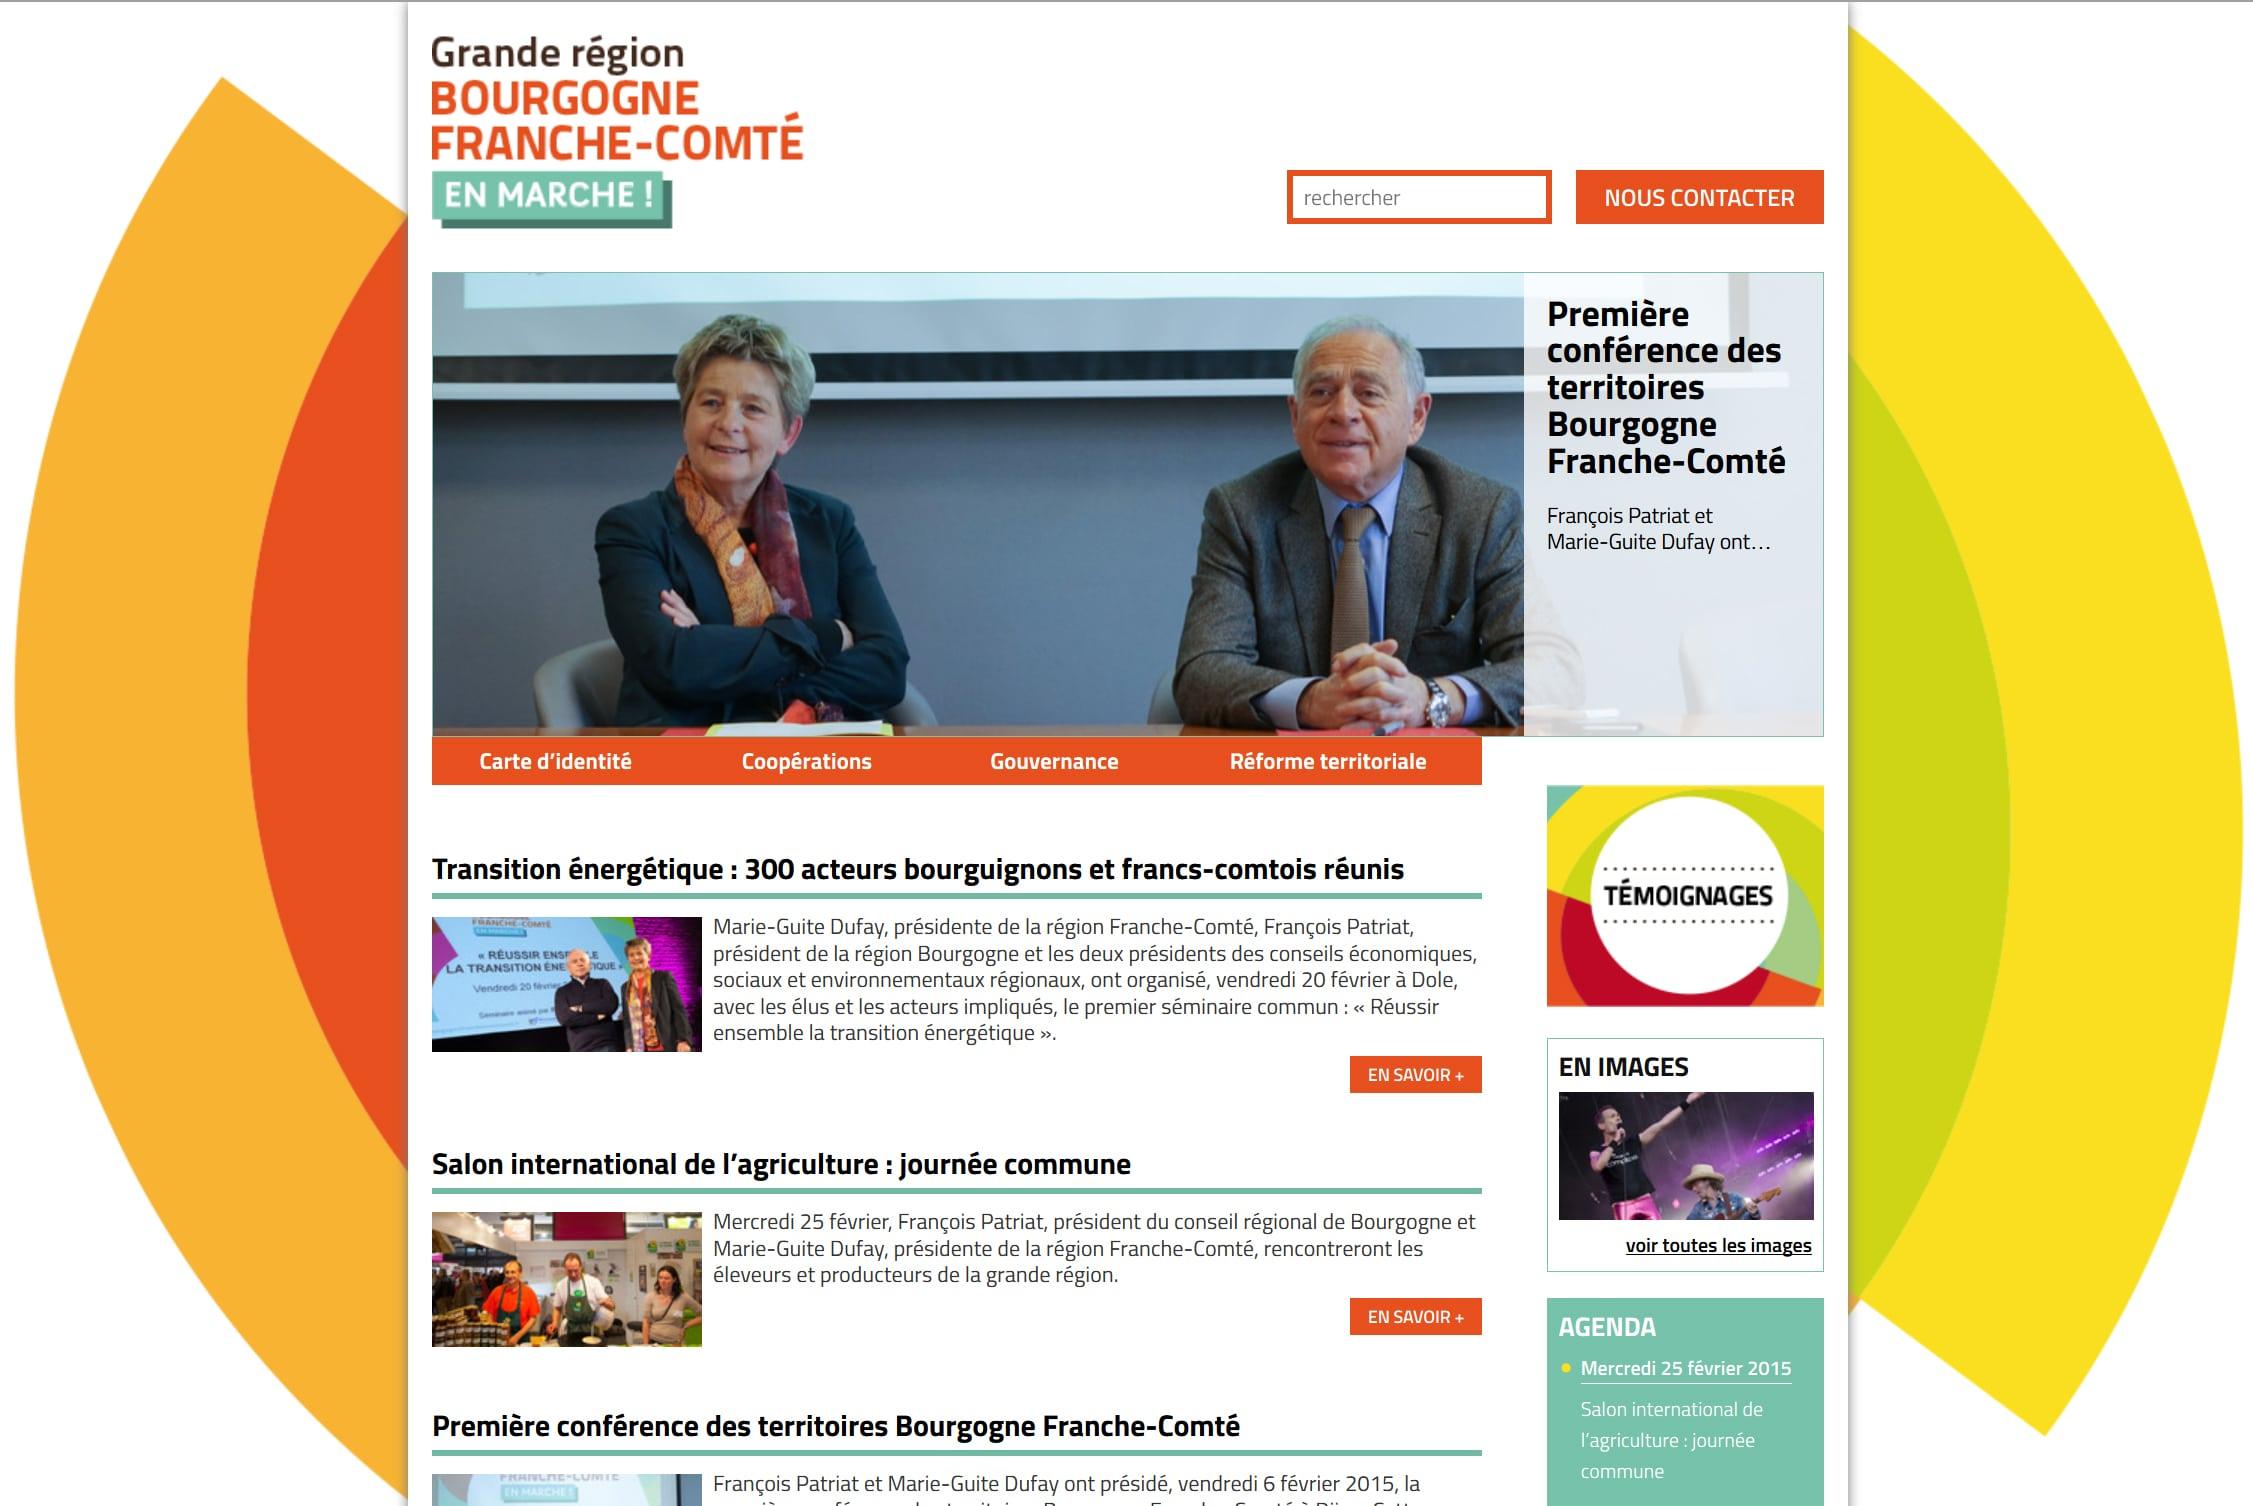 Bourgogne et Franche-Comté, du virtuel au réel